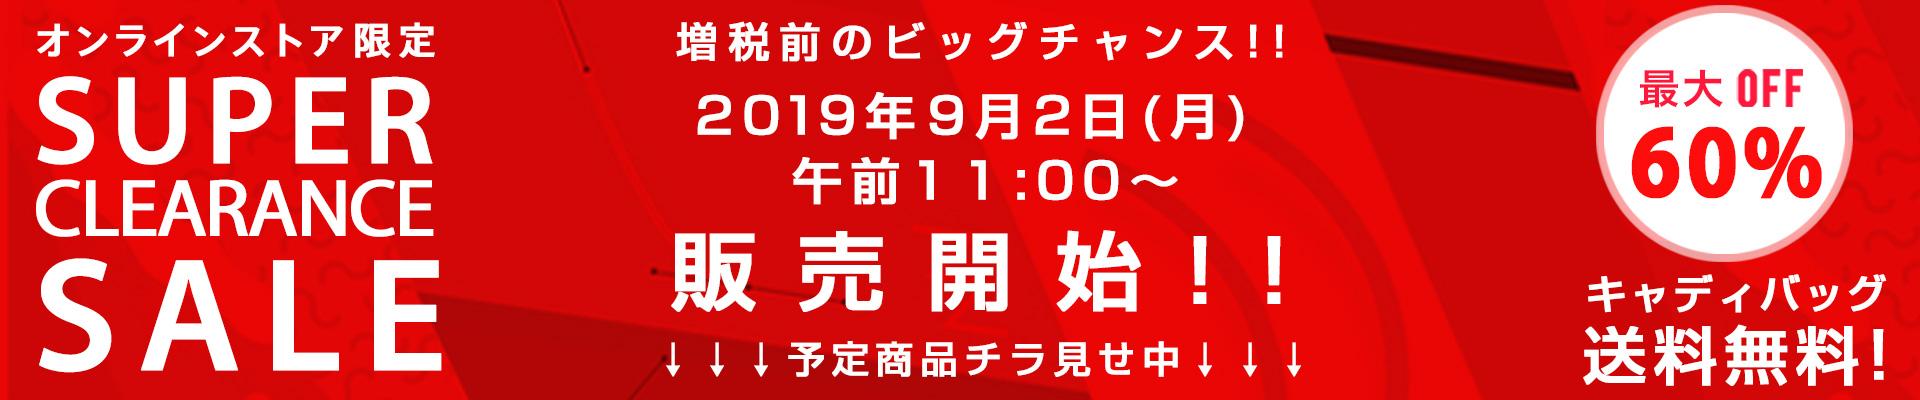 増税前のスーパークリアランスセール!!